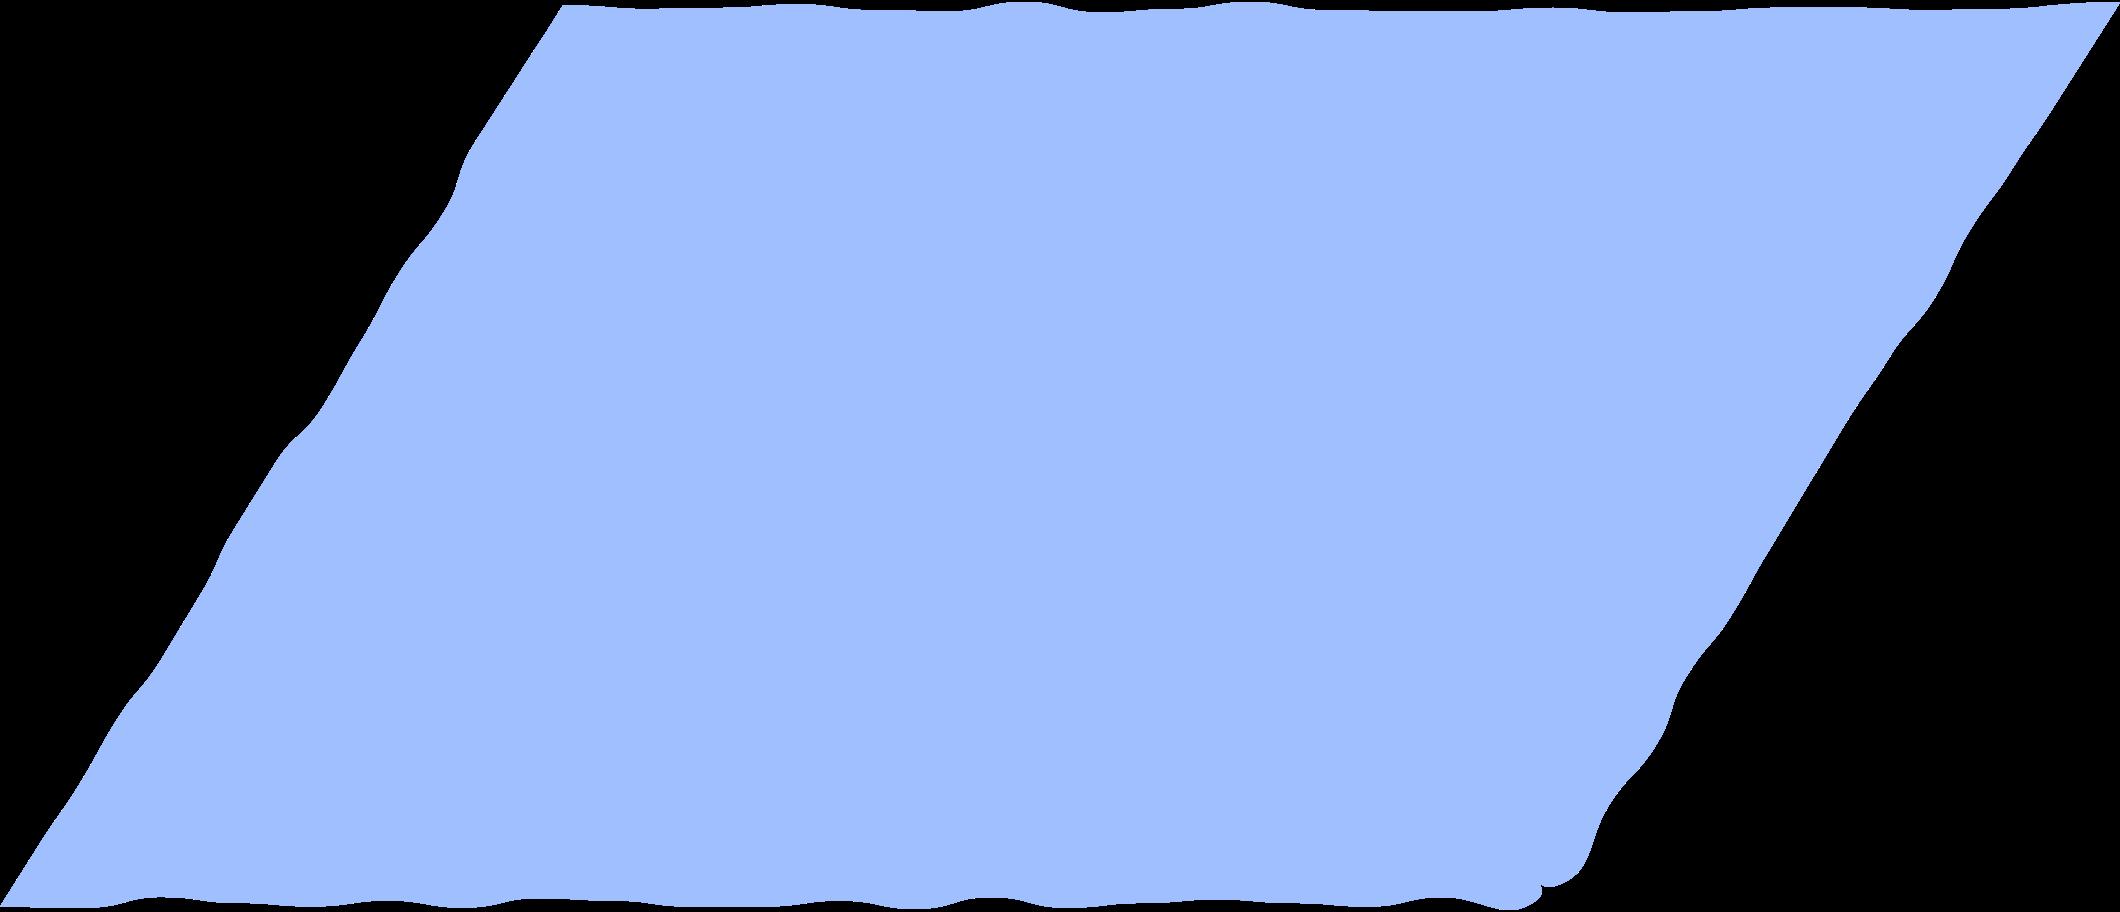 parallelogram light blue Clipart illustration in PNG, SVG